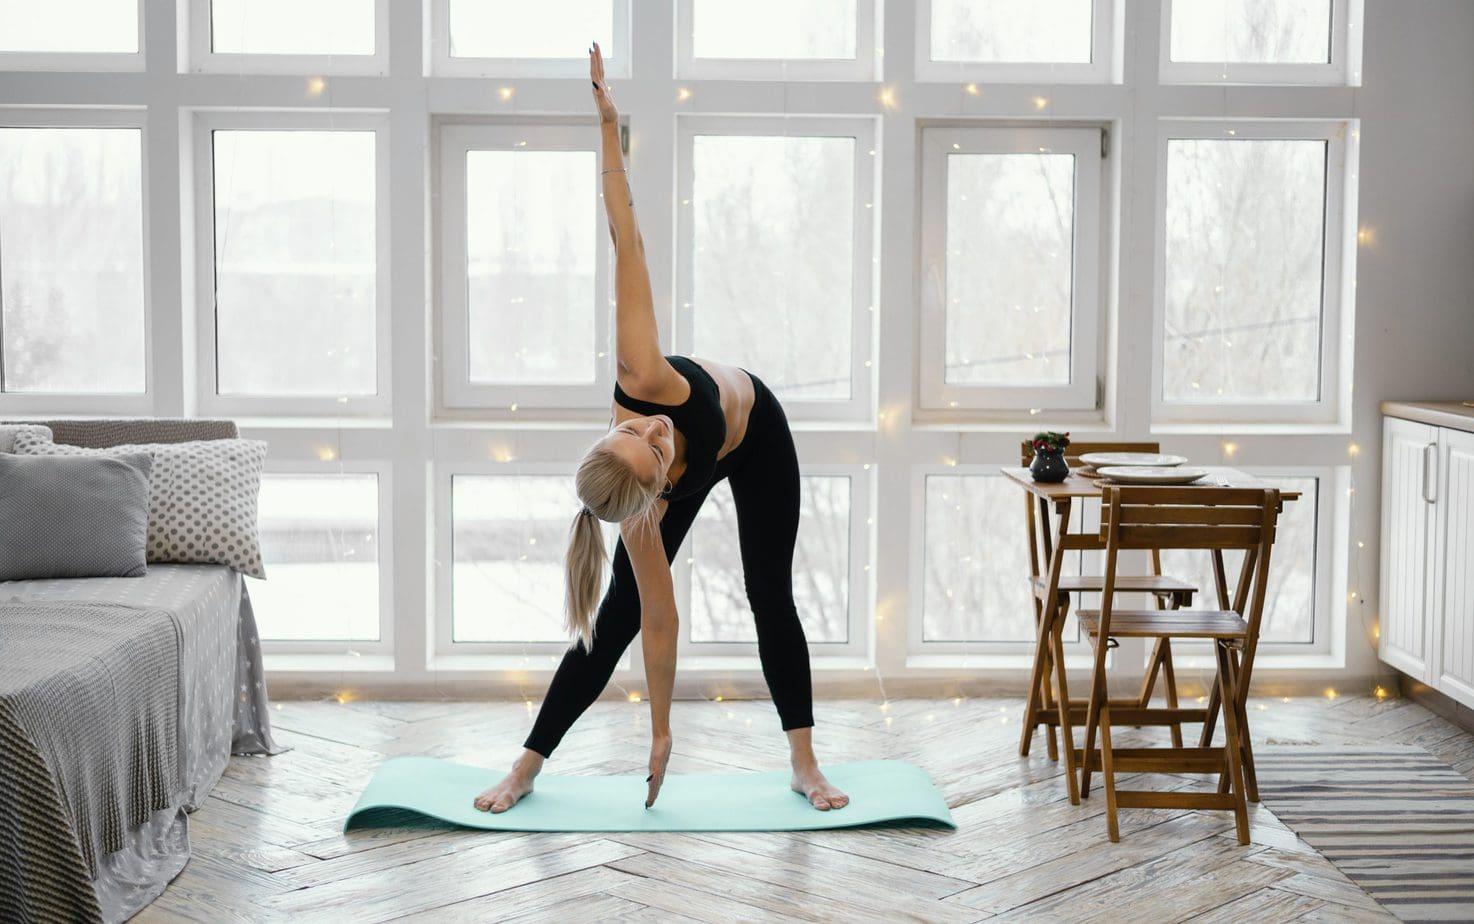 Ćwicz w domu – bez sprzętu i bez wydawania pieniędzy!